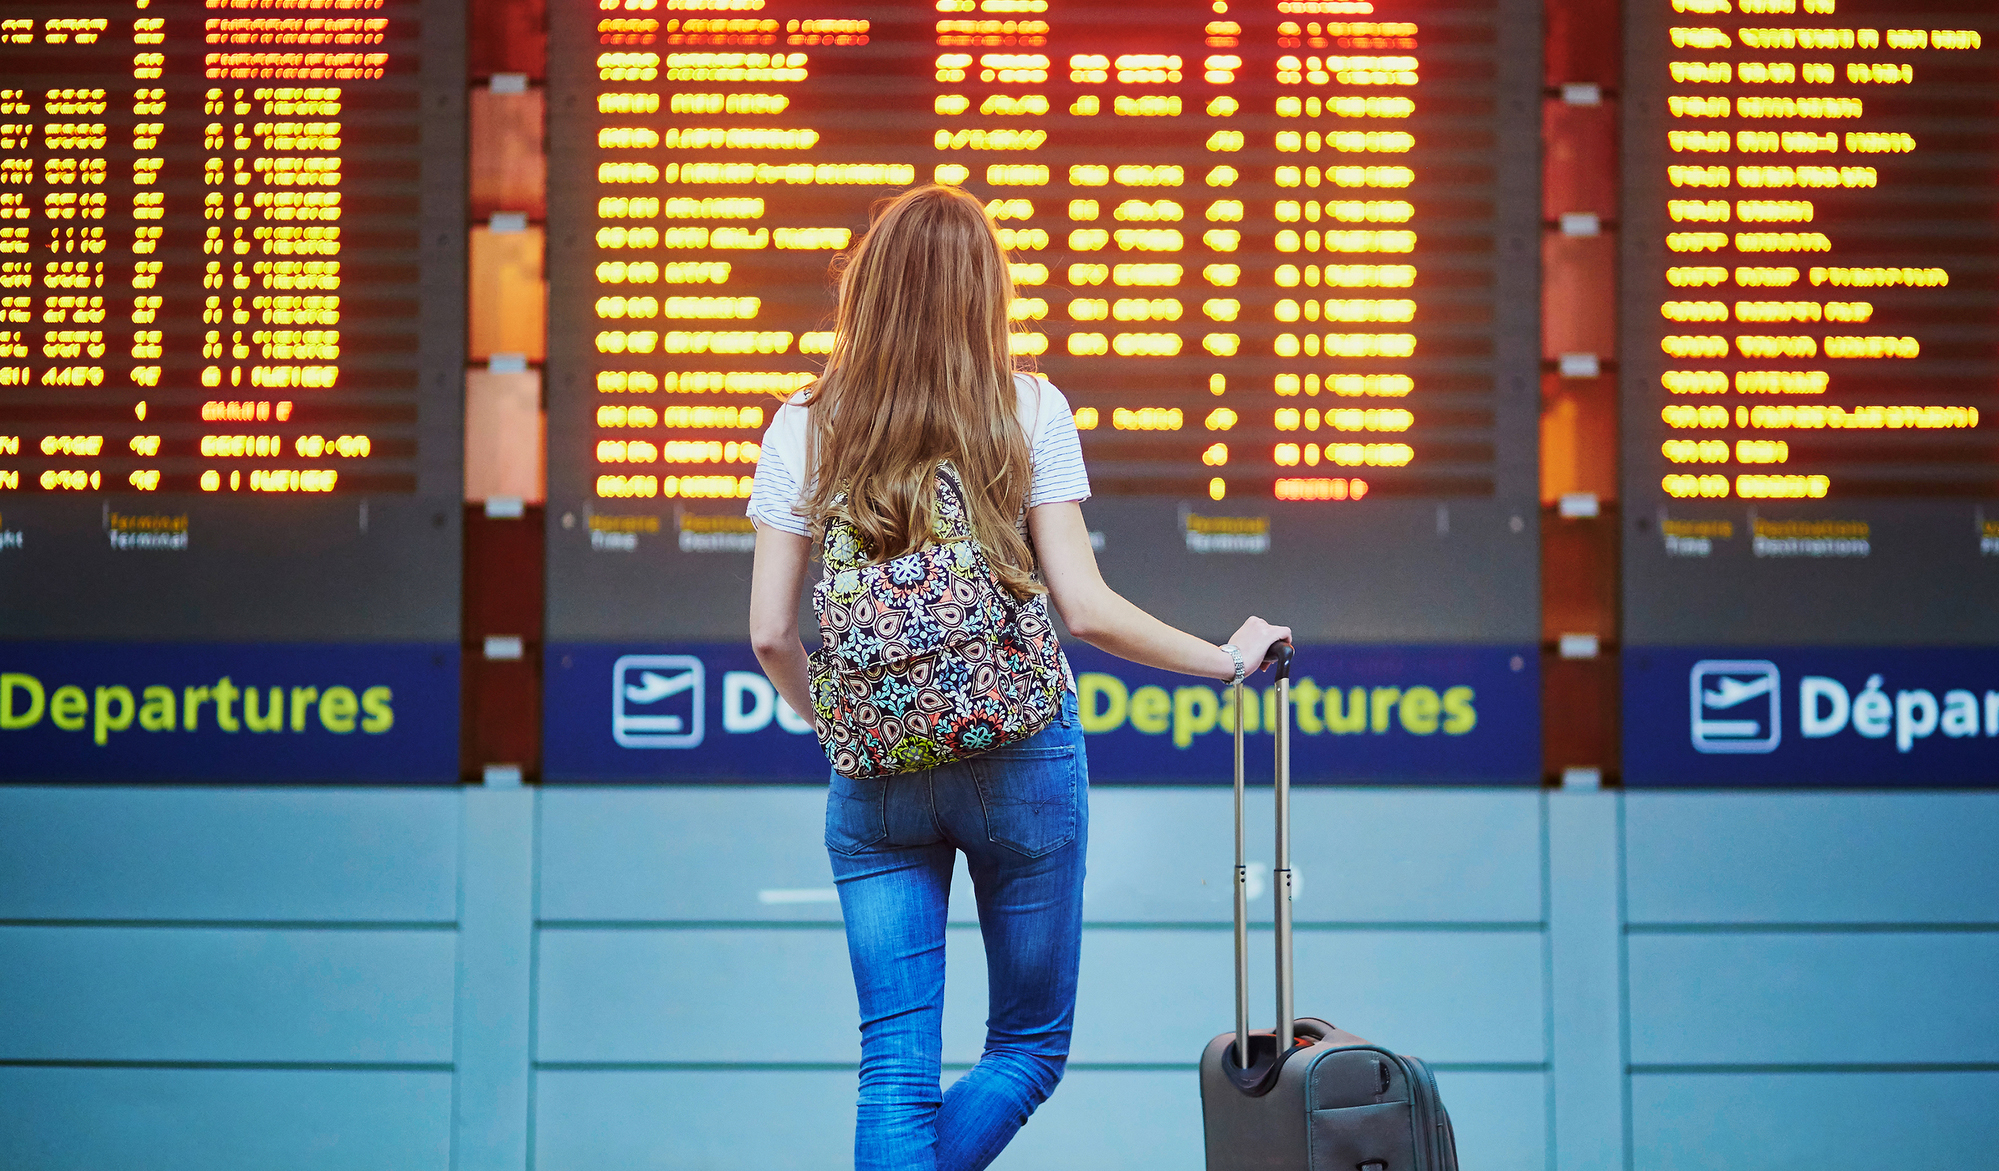 Что такое рейс, виды рейсов, туристу на заметку